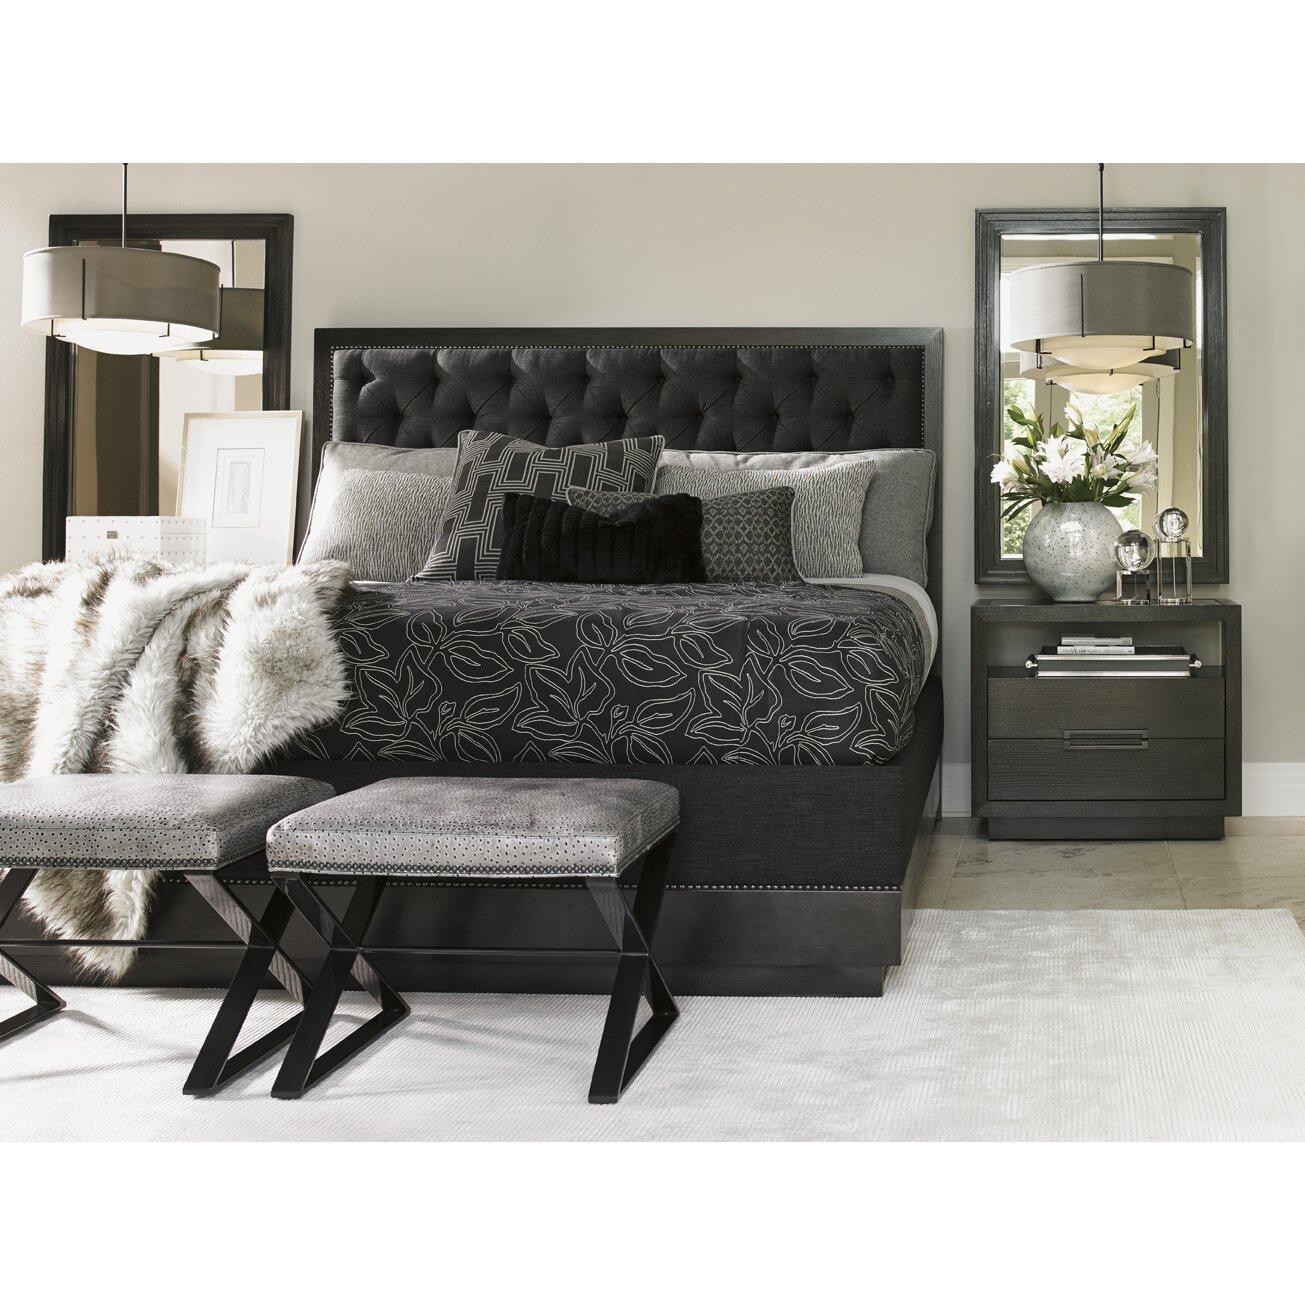 Lexington Carrera Bedroom Platform Customizable Bedroom